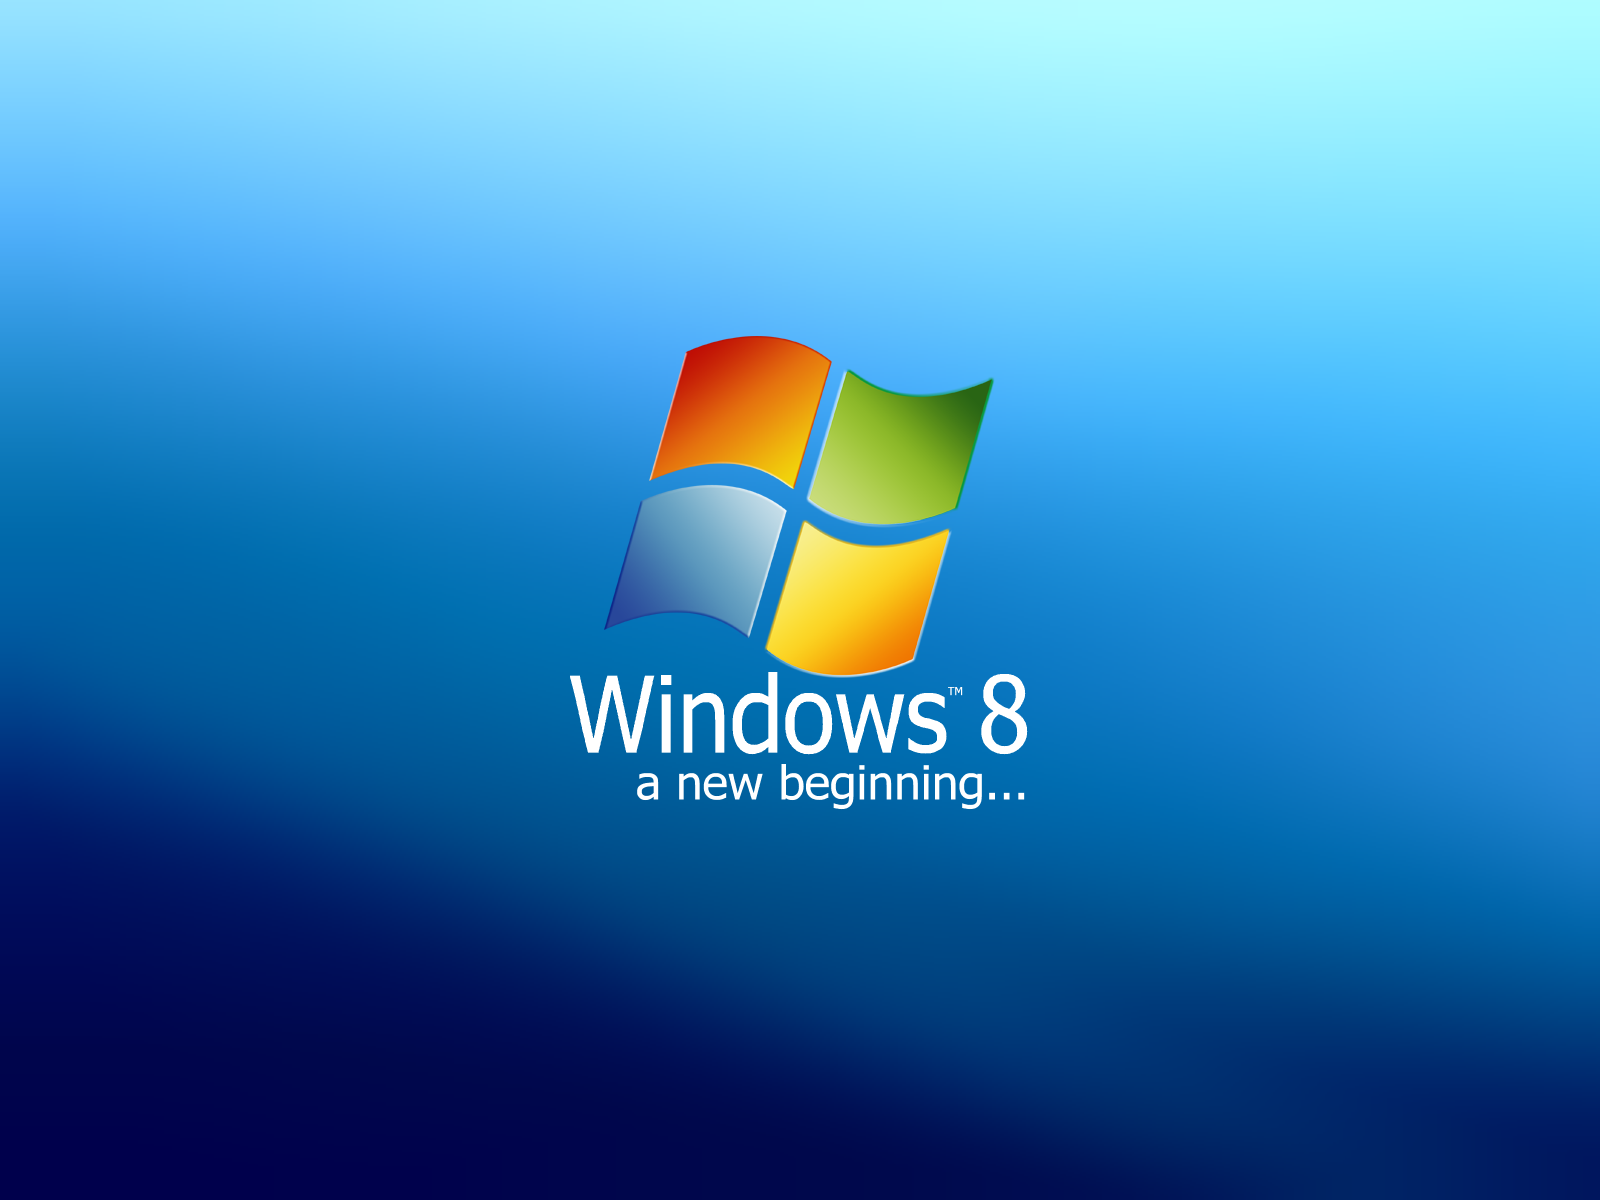 http://1.bp.blogspot.com/-XFGoDGpQVwI/Tow88BRmleI/AAAAAAAAAIc/LgtXtcYoG40/s1600/windows%2B8%2Bdeveloper%2Bpreview.png